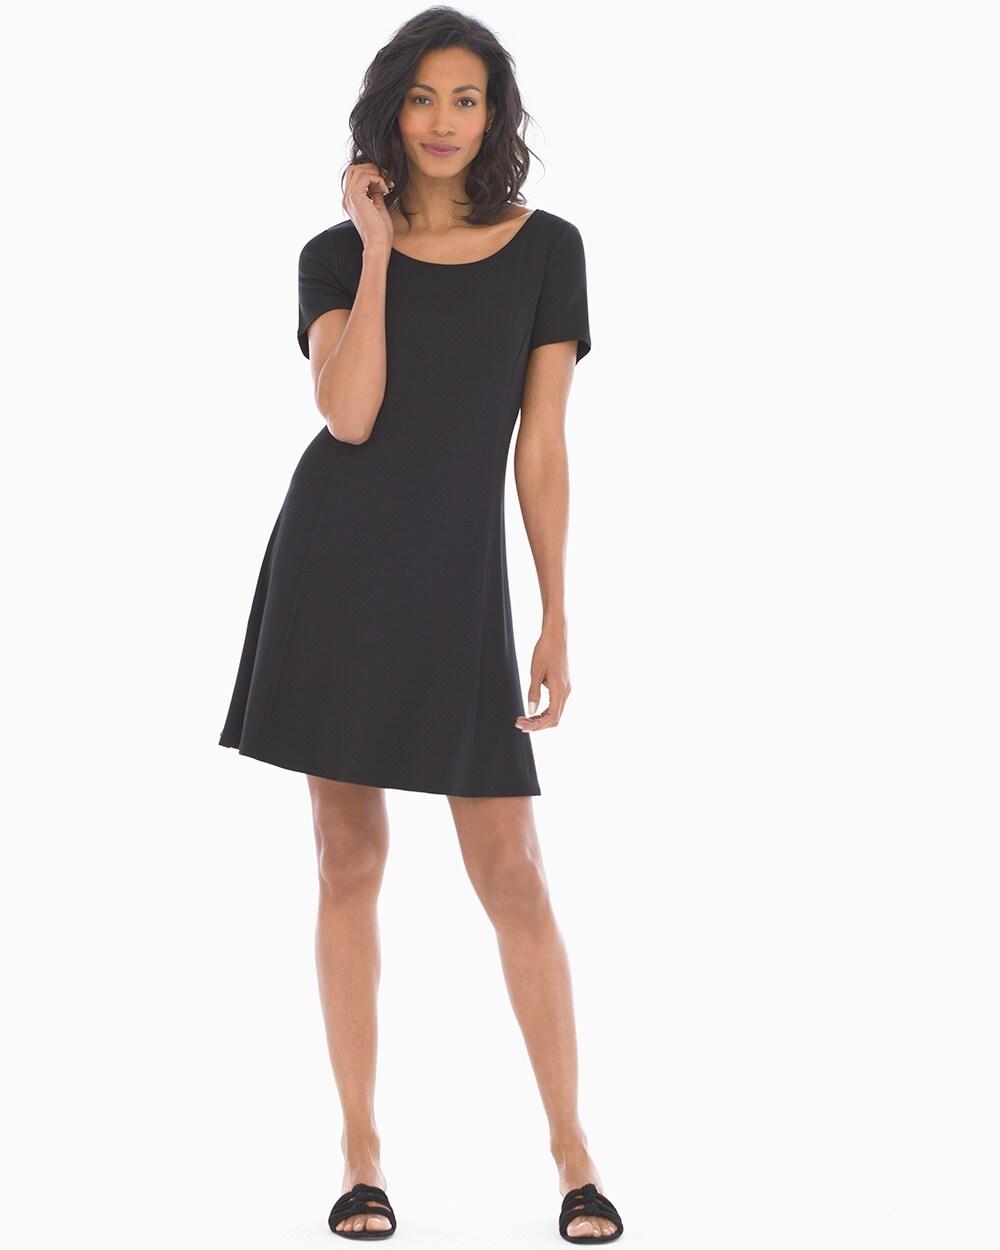 4a6795e4a3f75 Trapeze Dress Black - Soma